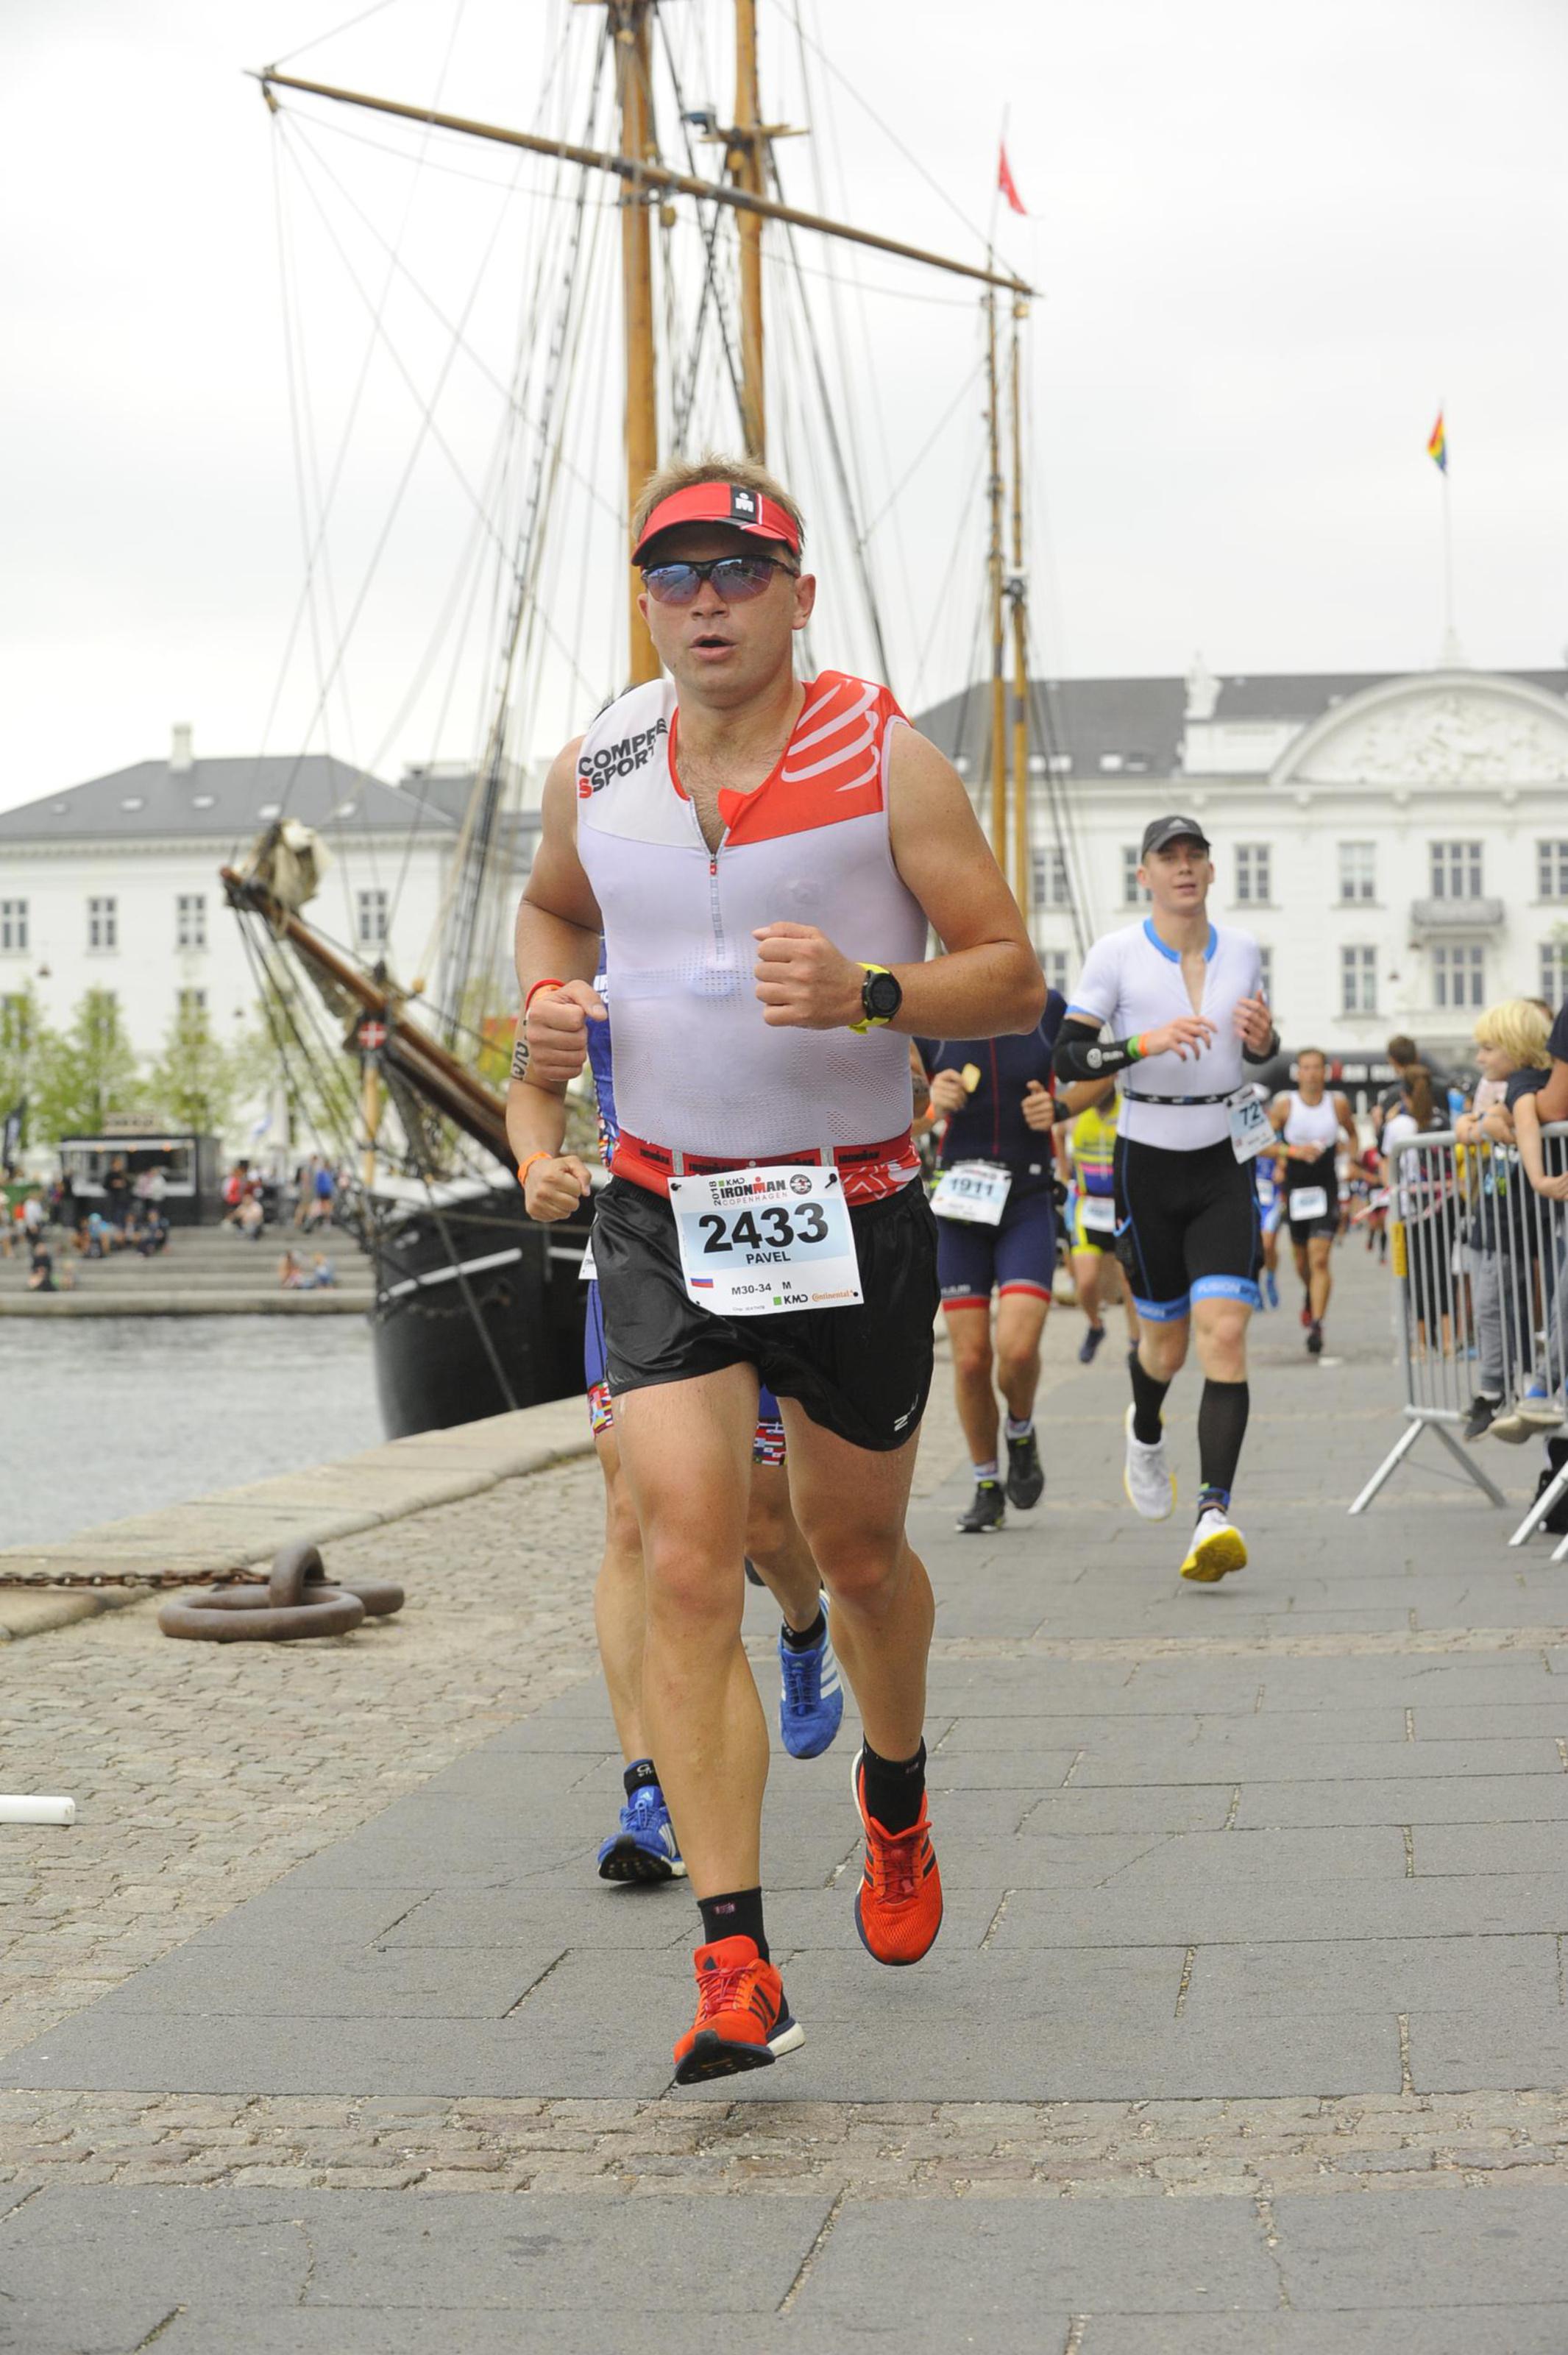 Бег на Ironman Copenhagen